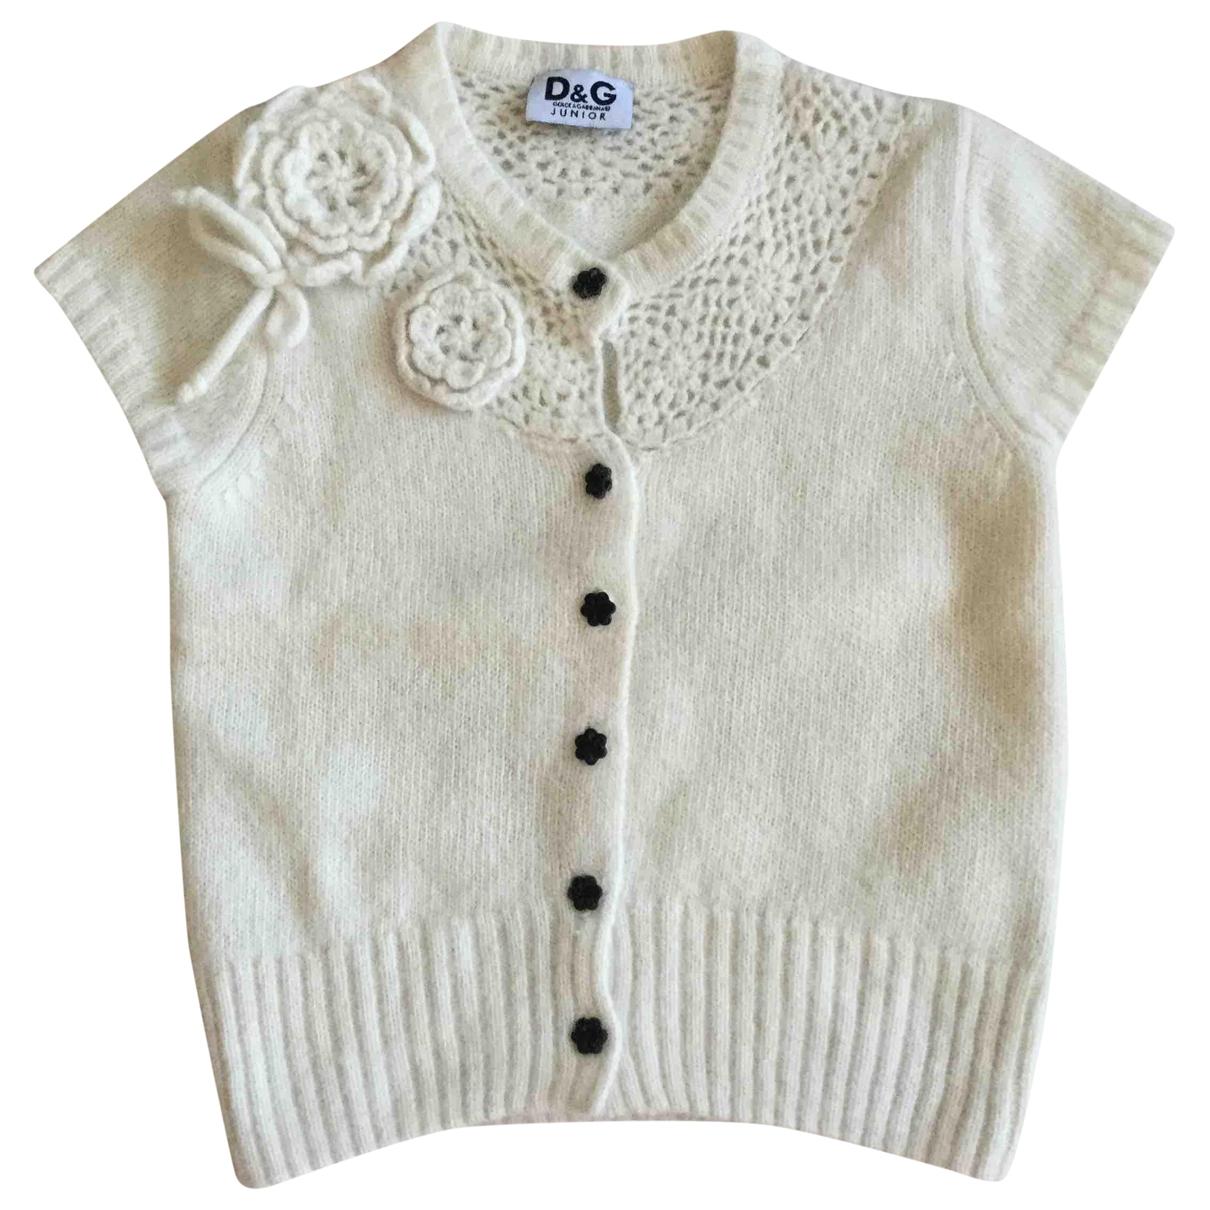 D&g - Pull   pour enfant en laine - blanc